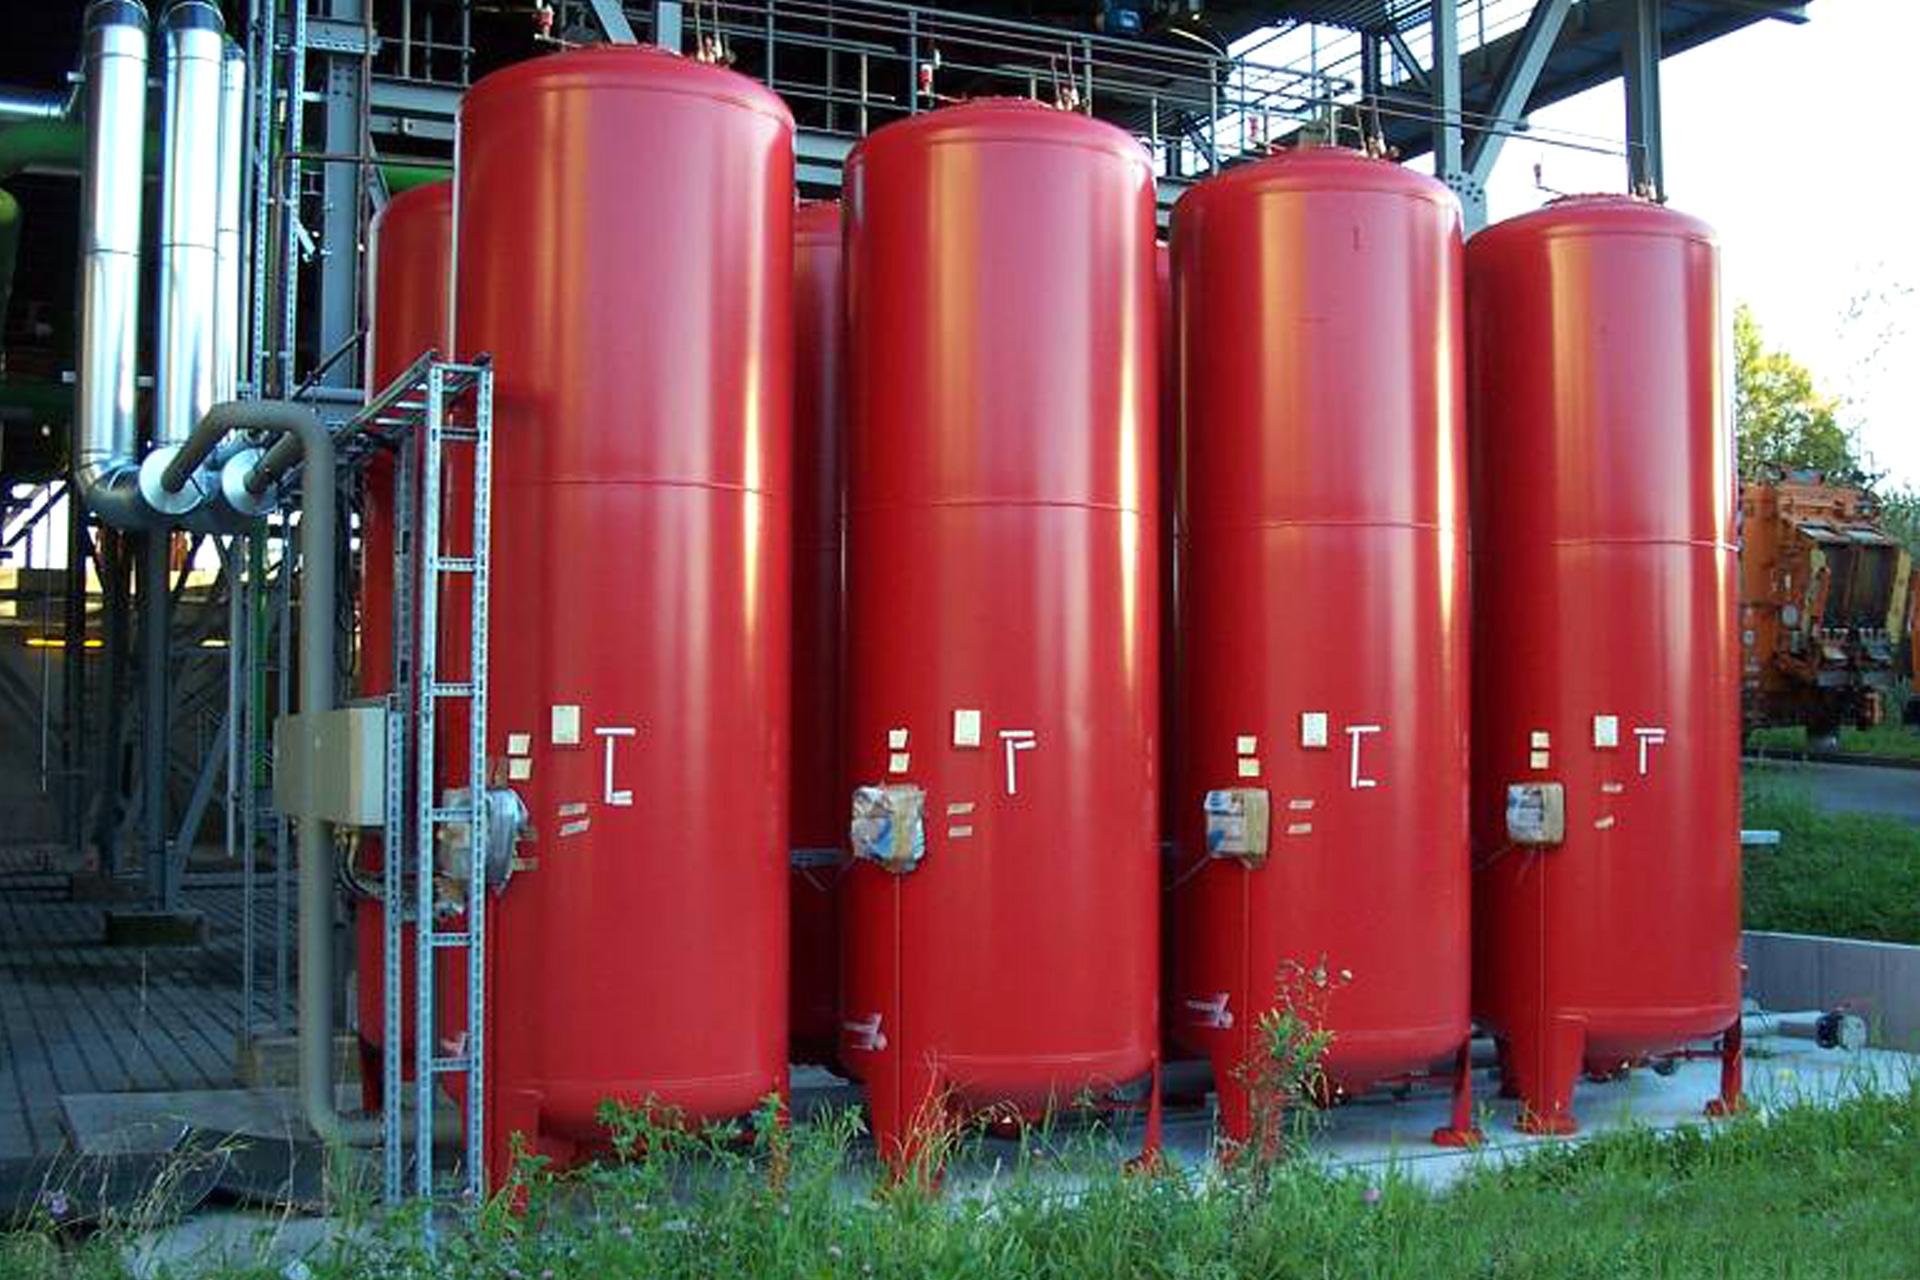 Fernwärme-Anbindungen, Referenzen, RMHKW, Fernwärmeauskopplung